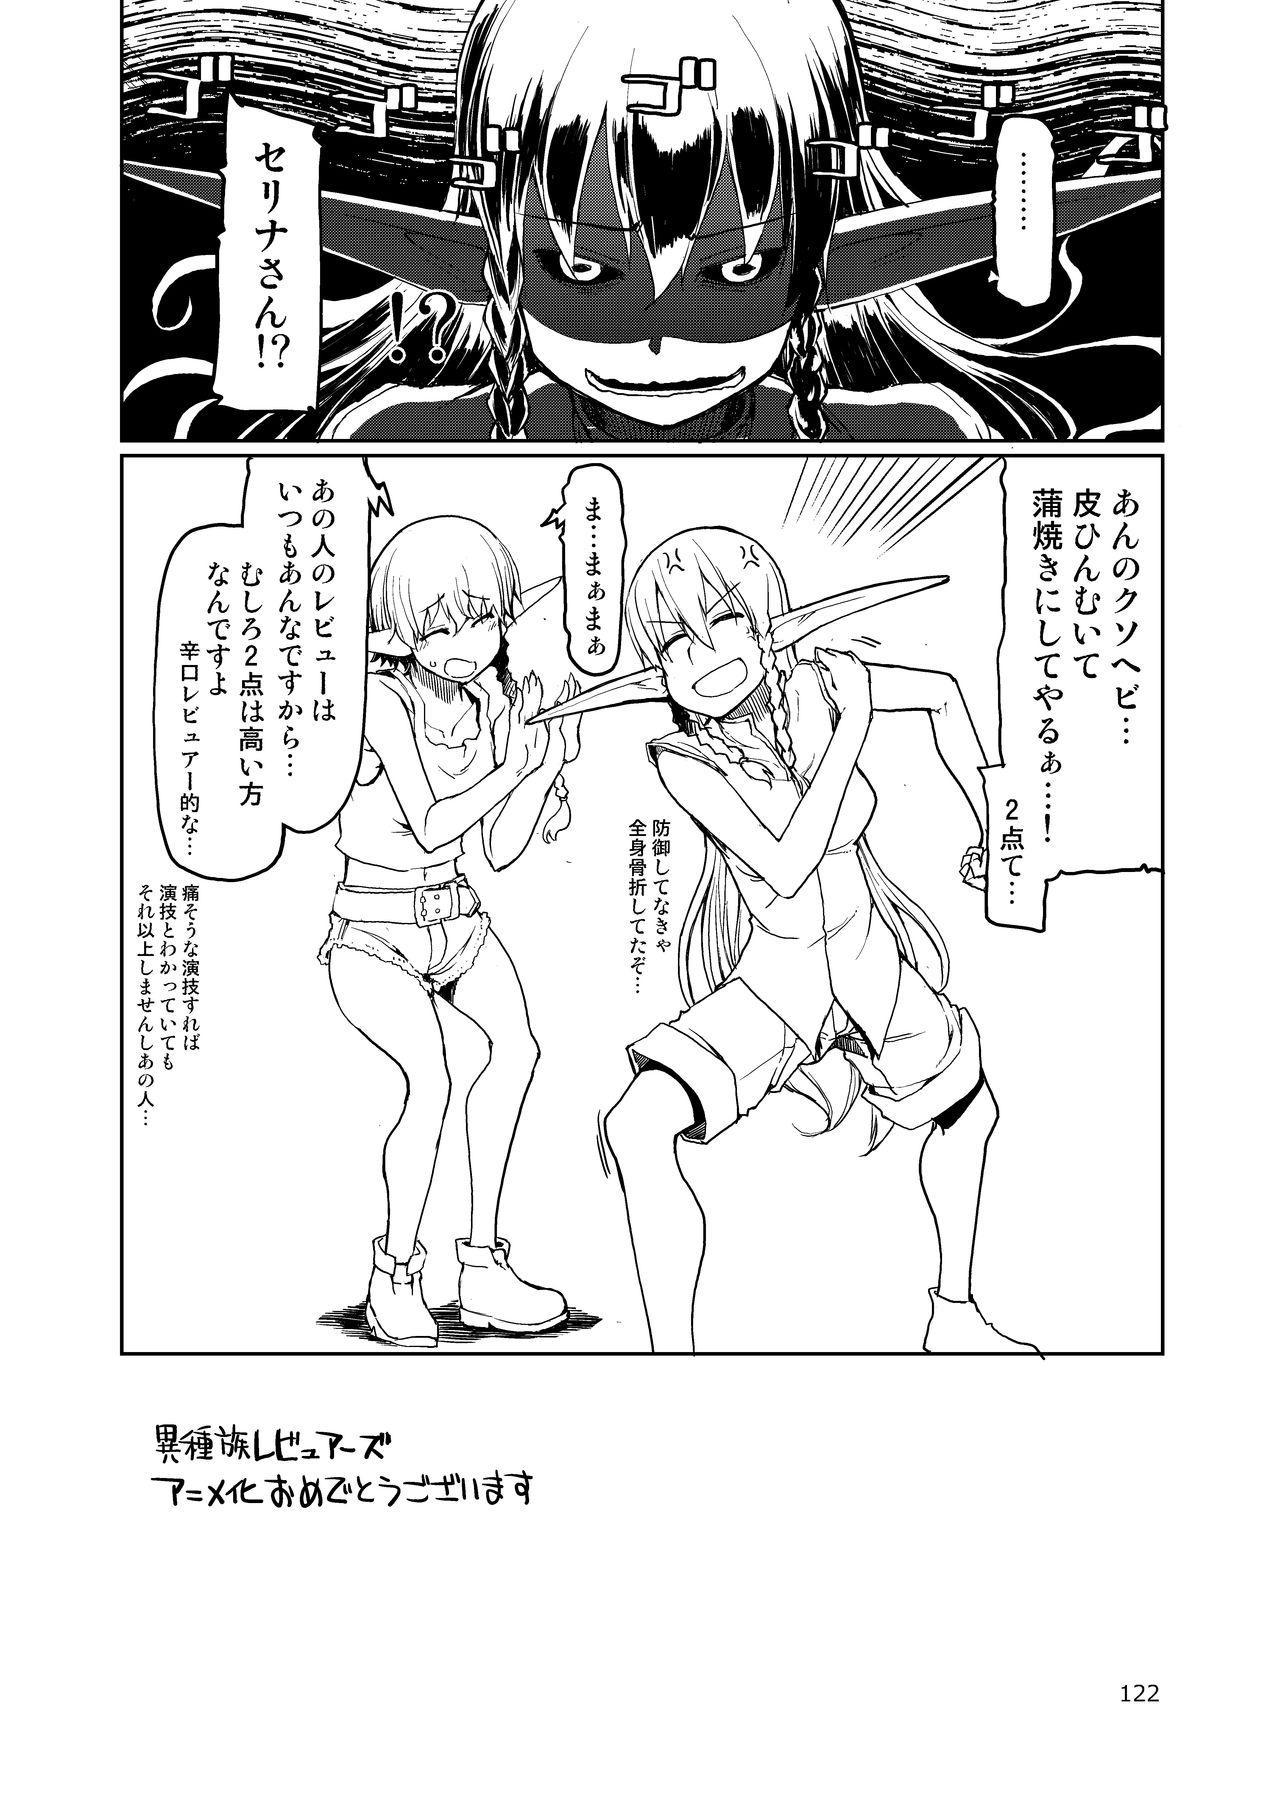 Dosukebe Elf no Ishukan Nikki Matome 2 122